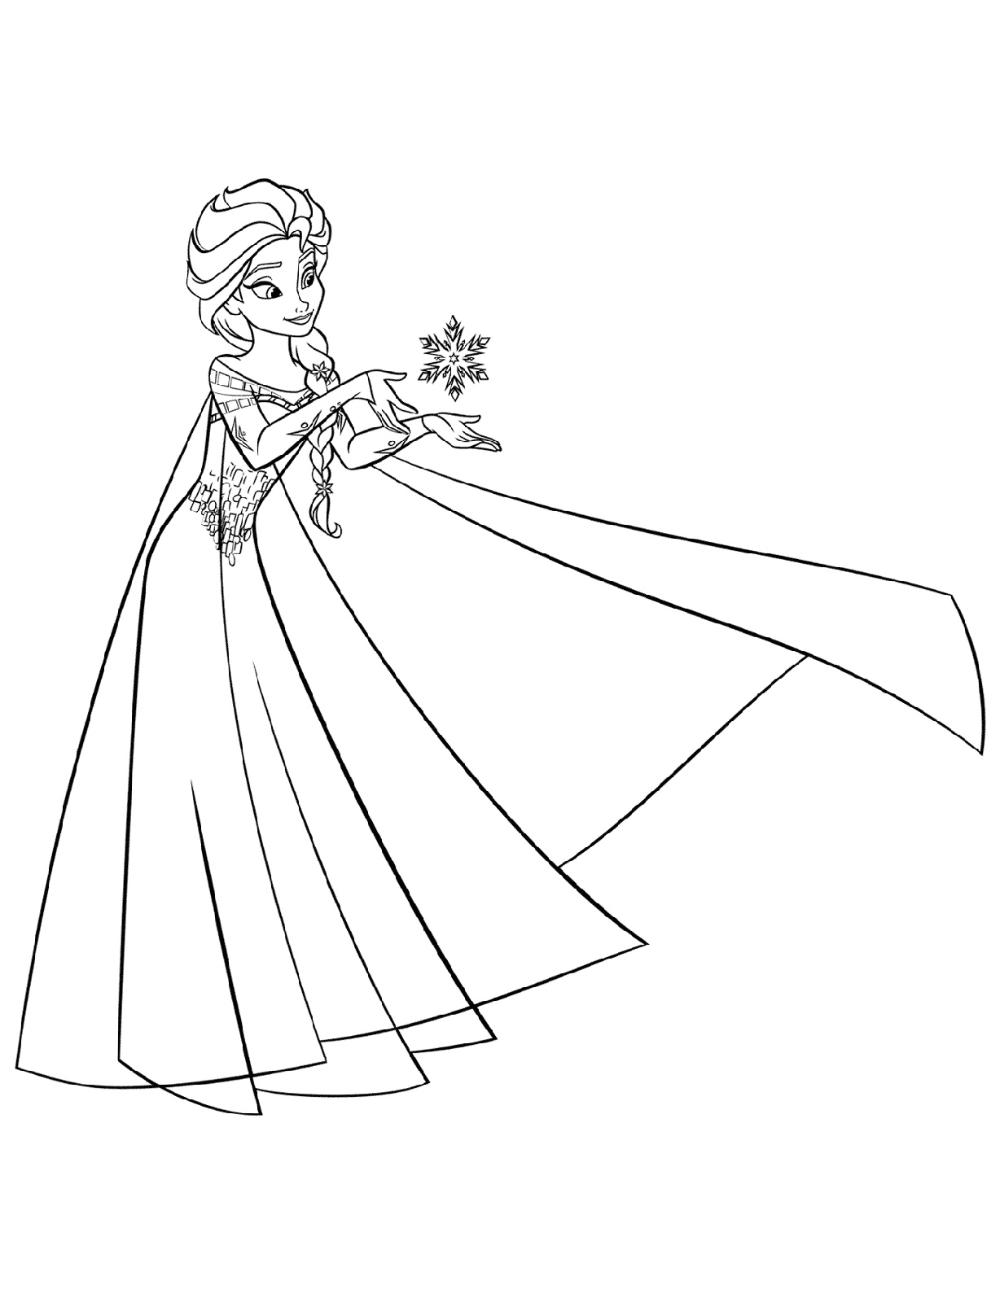 Elsa Coloring Pages Frozen Elsa Coloring Pages Frozen Coloring Pages Elsa Coloring